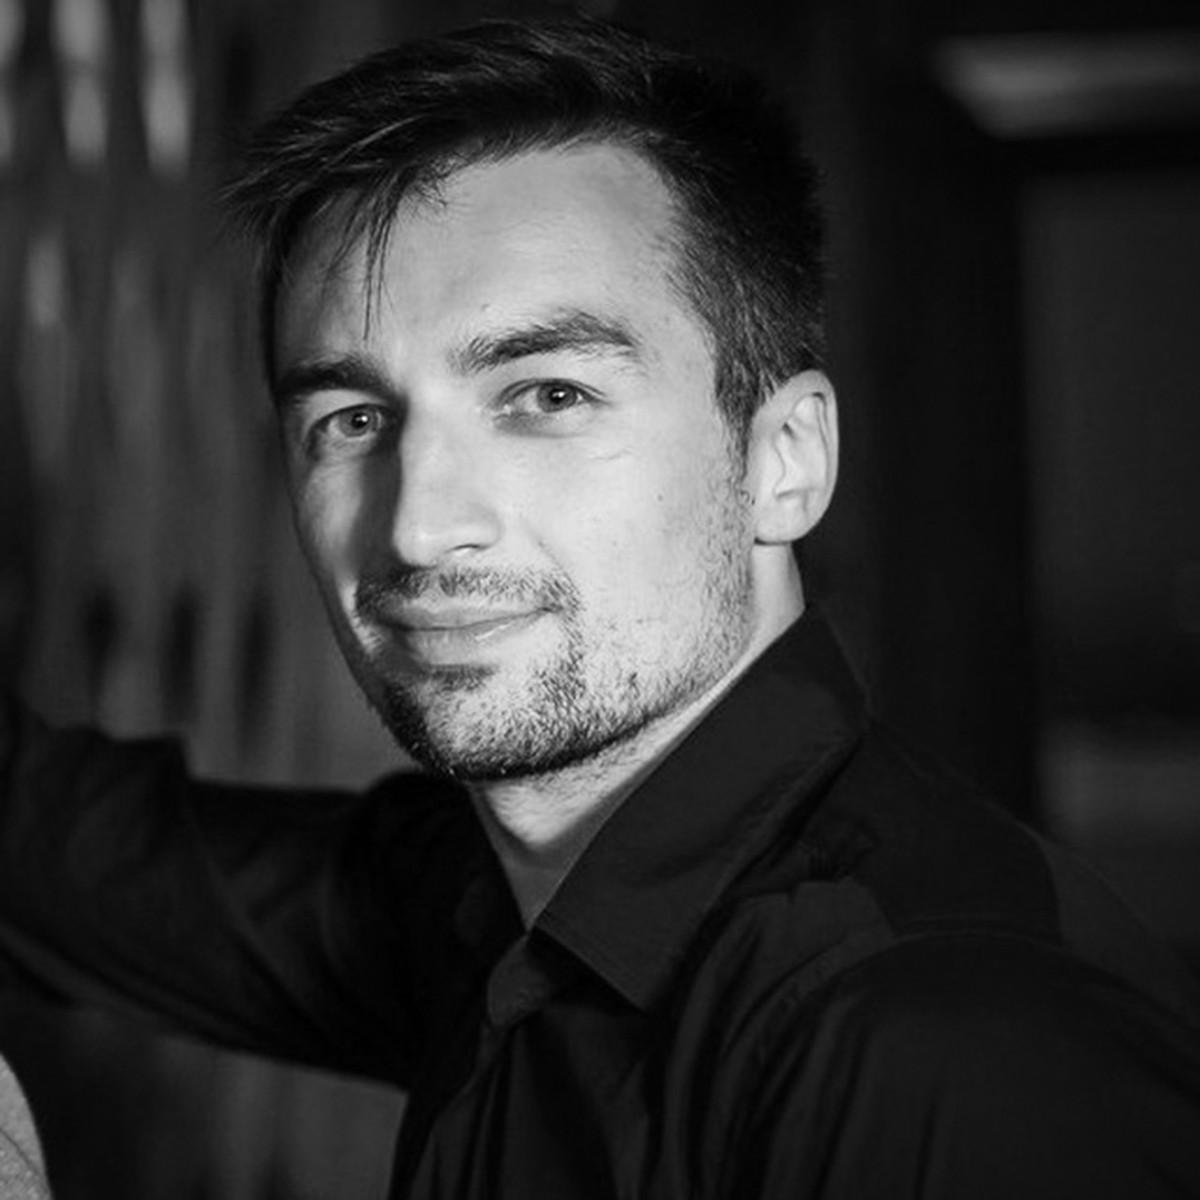 Igor Zapletnev